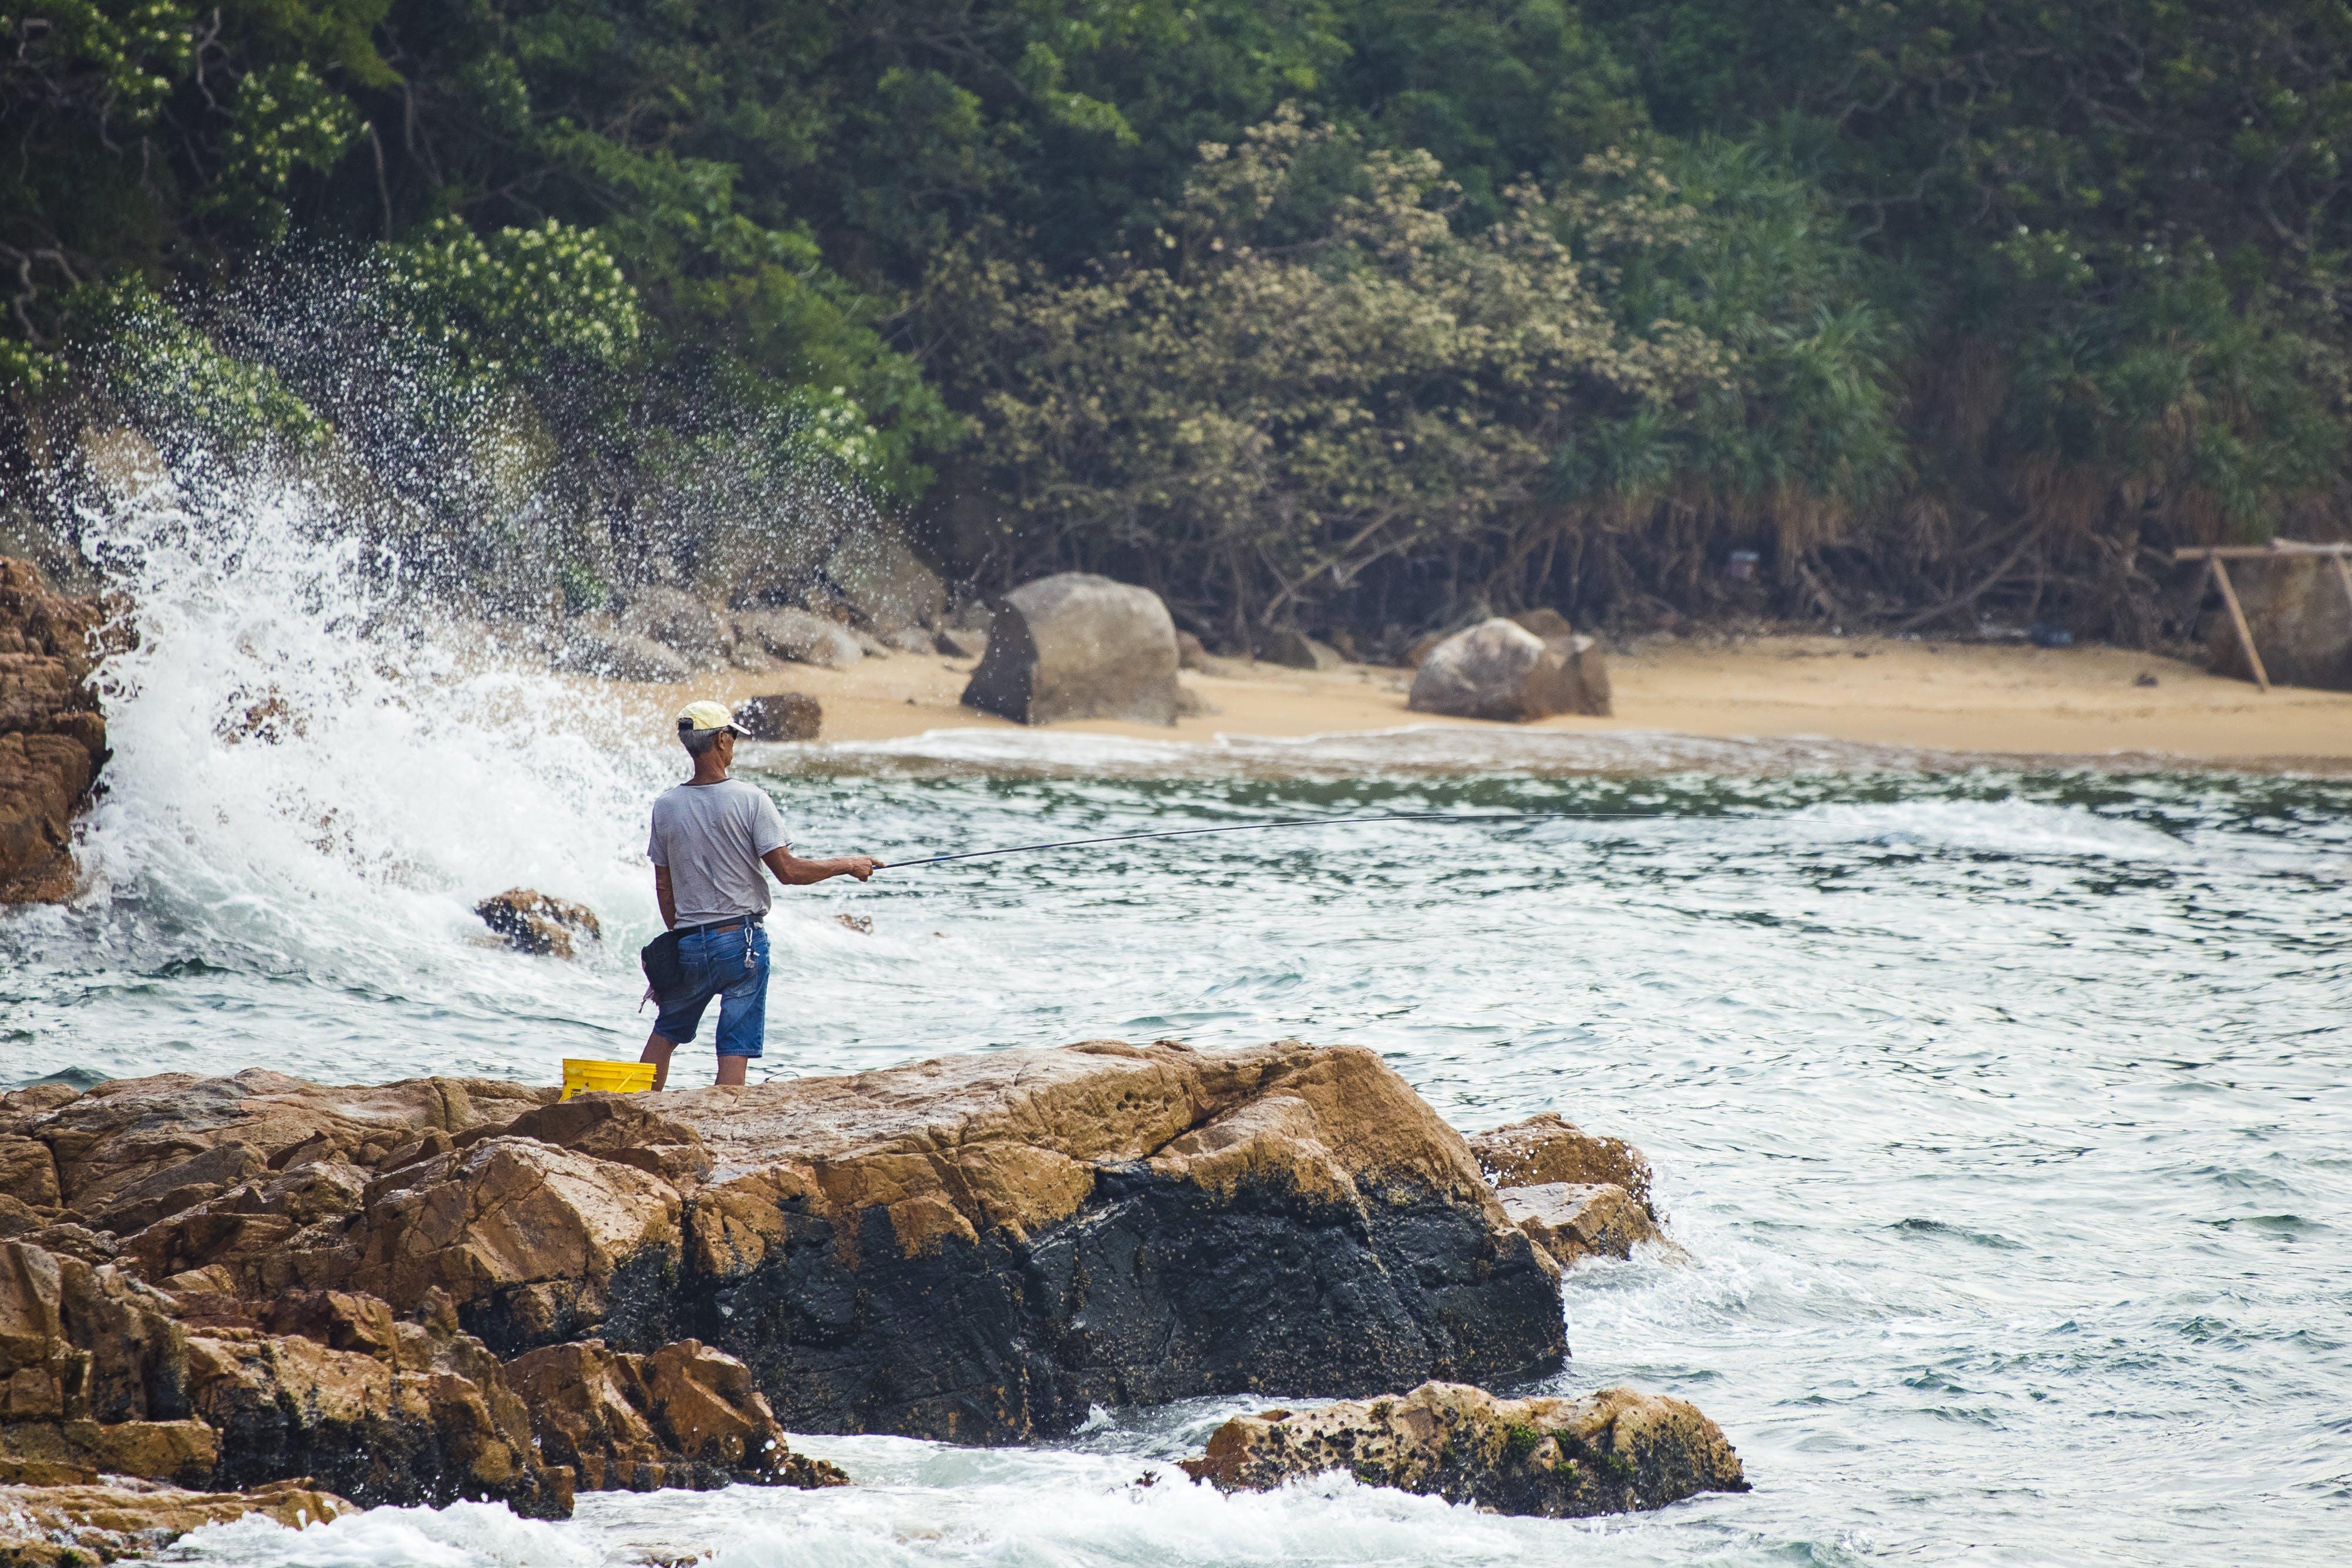 남자, 바다, 바위, 사람의 무료 스톡 사진